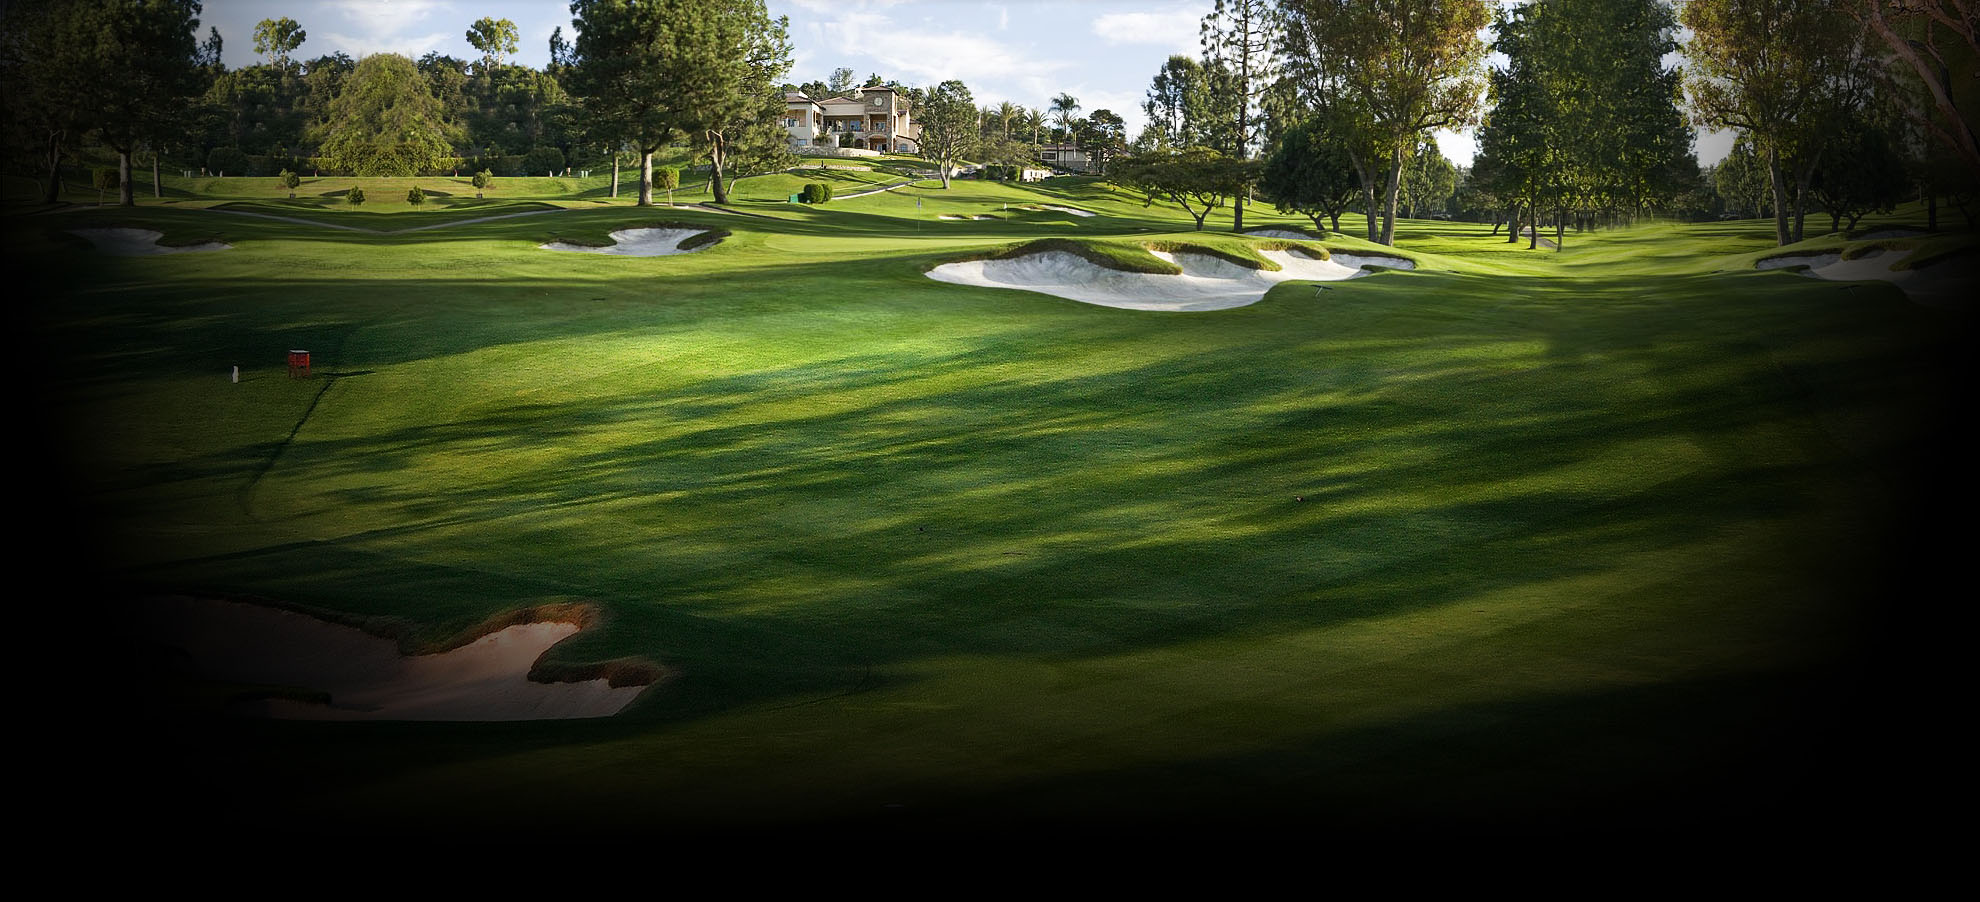 hacienda private golf club championship golf course